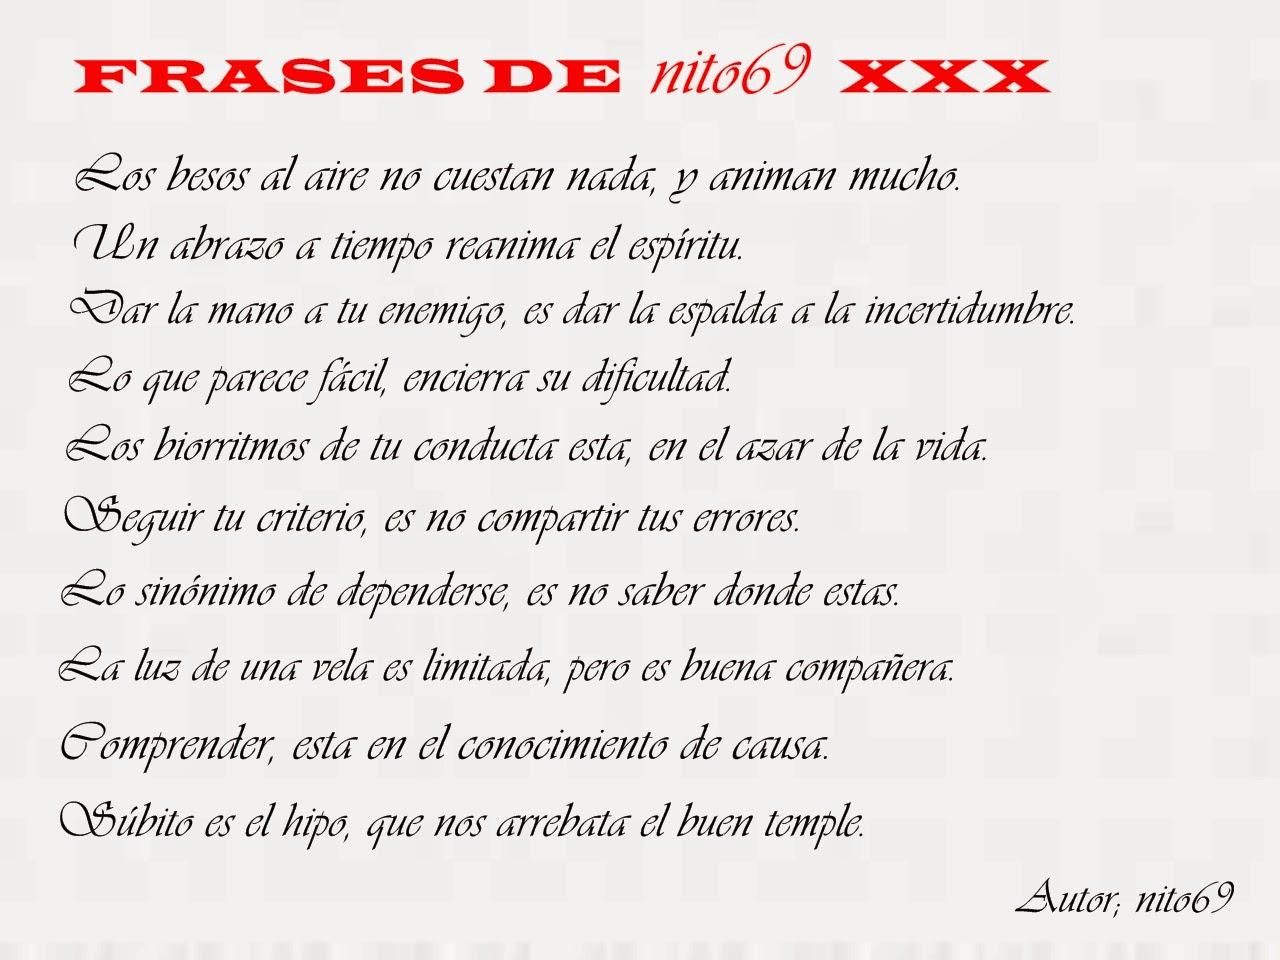 FRASES DE nito69 XXX